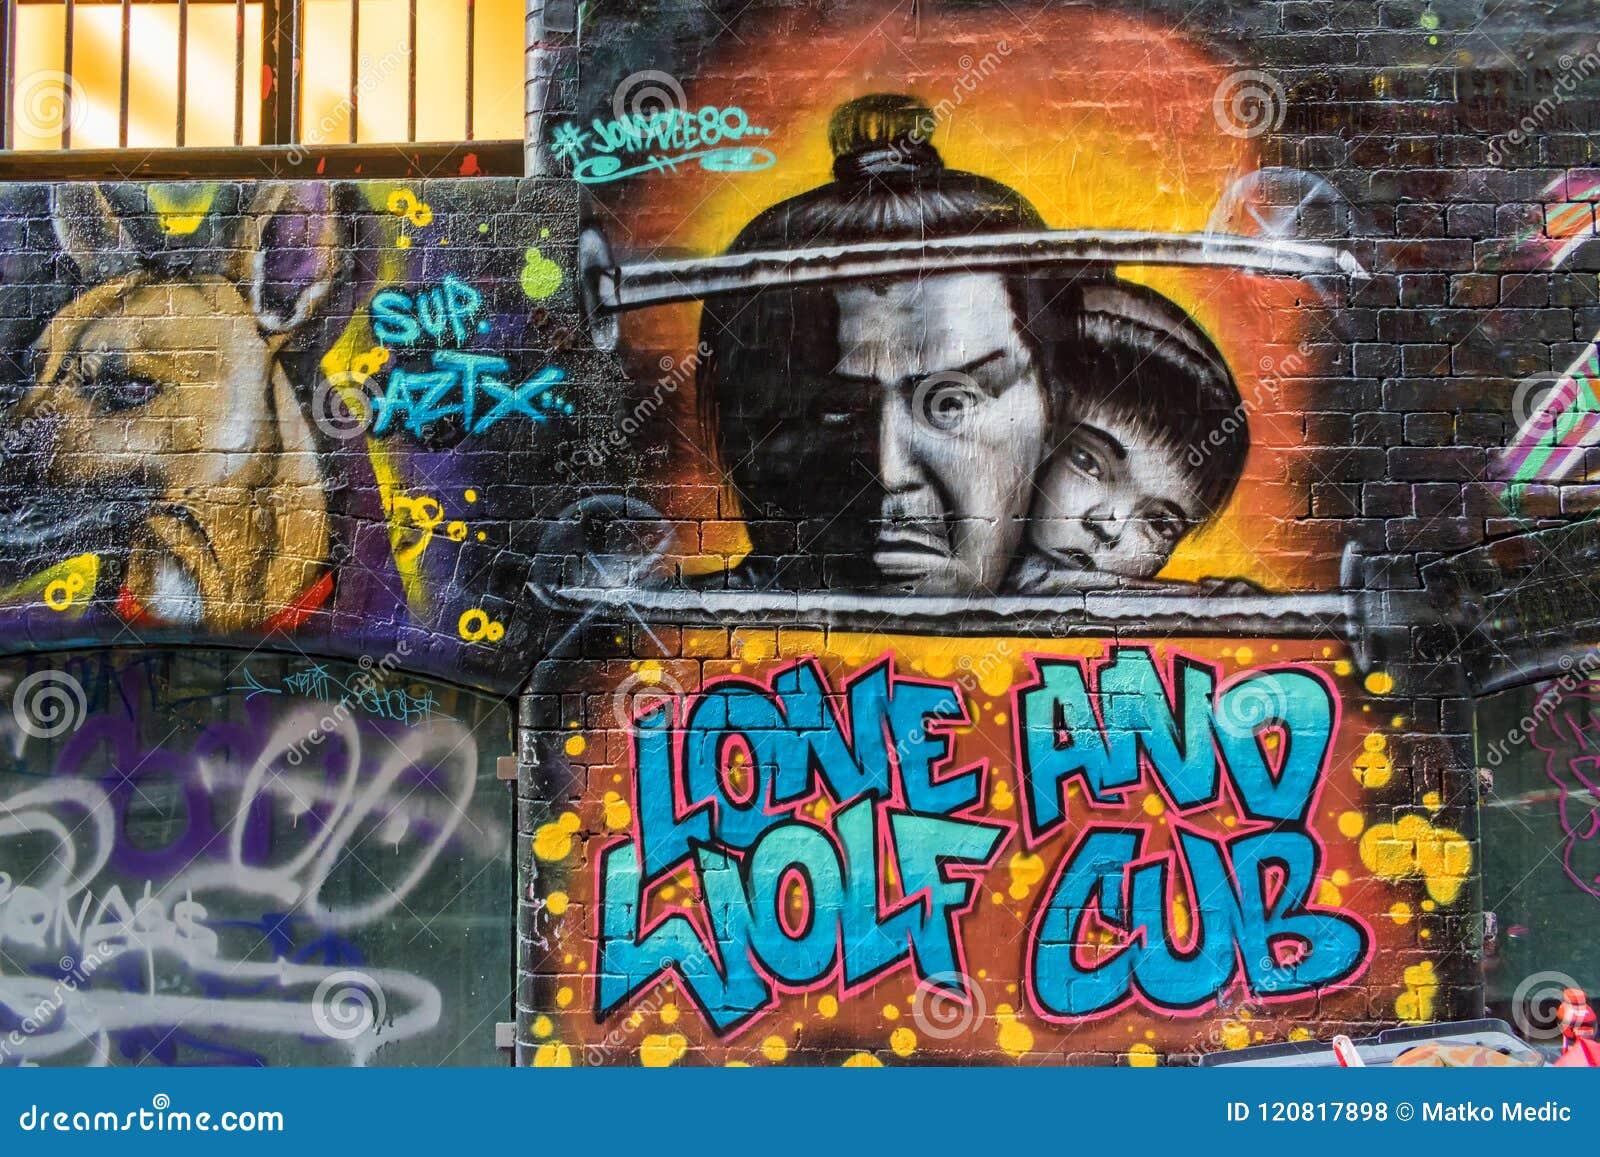 Lone wolf and cub graffiti